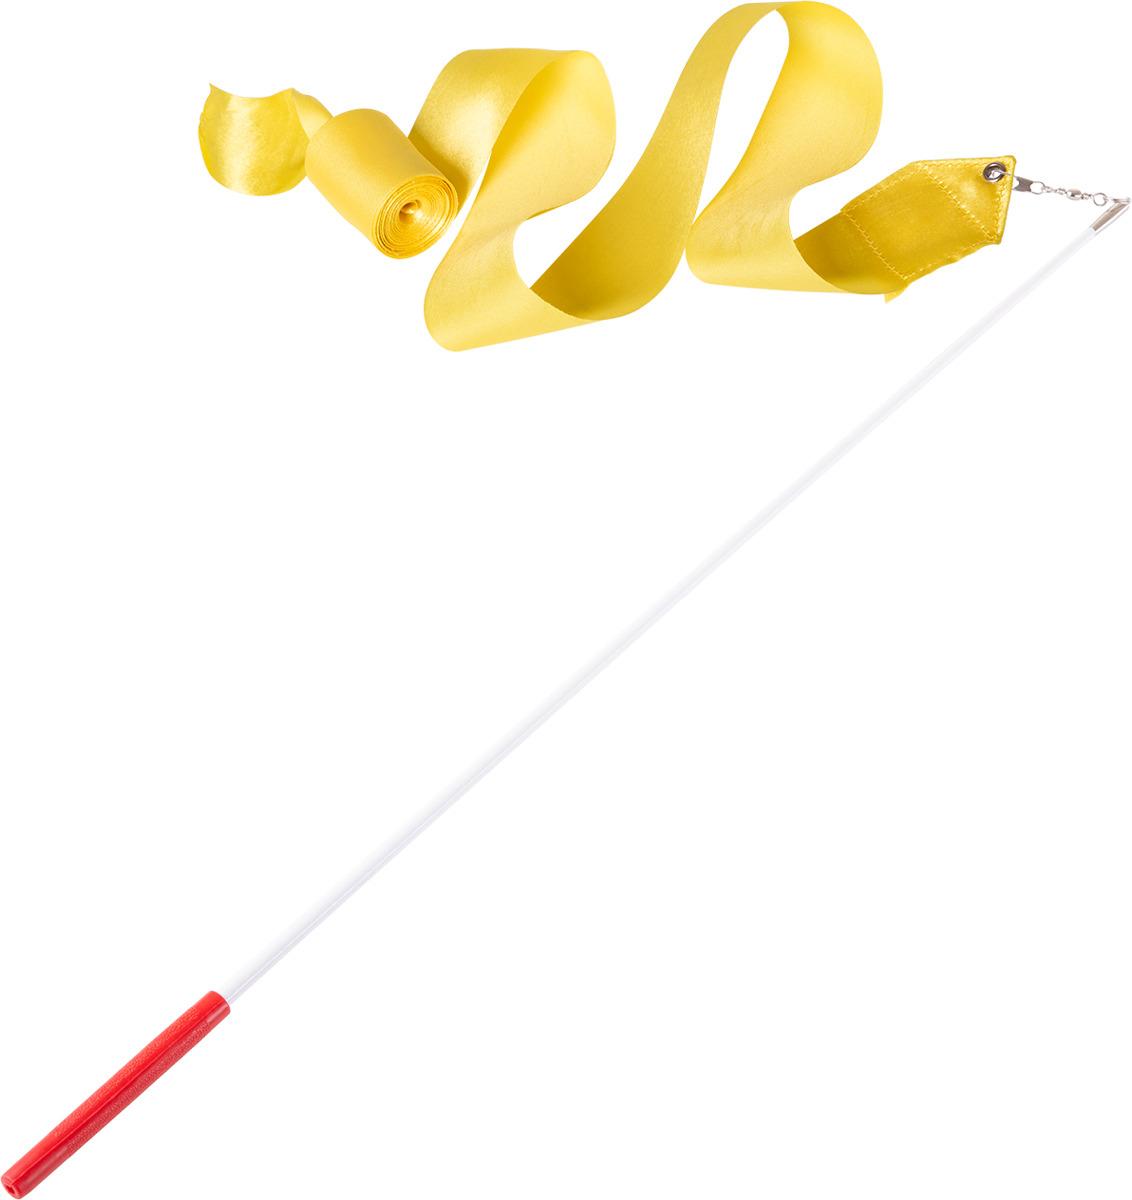 Лента для художественной гимнастики Amely AGR-201, длина 6 м, с палочкой 56 см, цвет: желтый лонгслив для гимнастики малыши